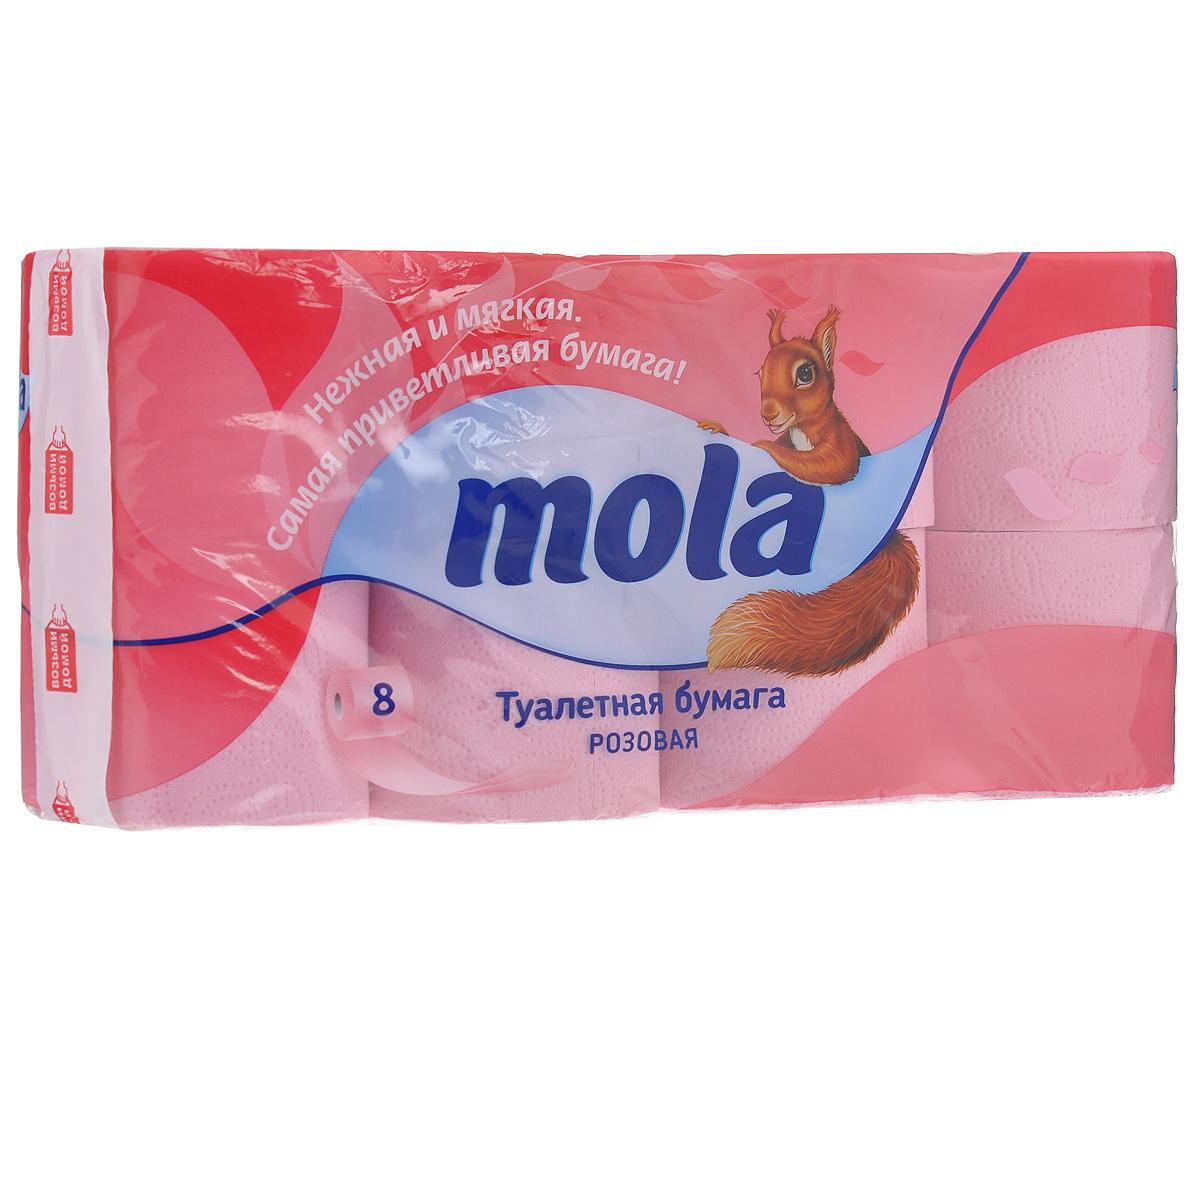 Туалетная бумага Mola, двухслойная, цвет: розовый, 8 рулонов2176Двухслойная туалетная бумага Mola изготовлена из целлюлозы высшего качества. Листы имеют рисунок с тиснением. Мягкая, нежная, но в тоже время прочная, бумага не расслаивается и отрывается строго по линии перфорации.